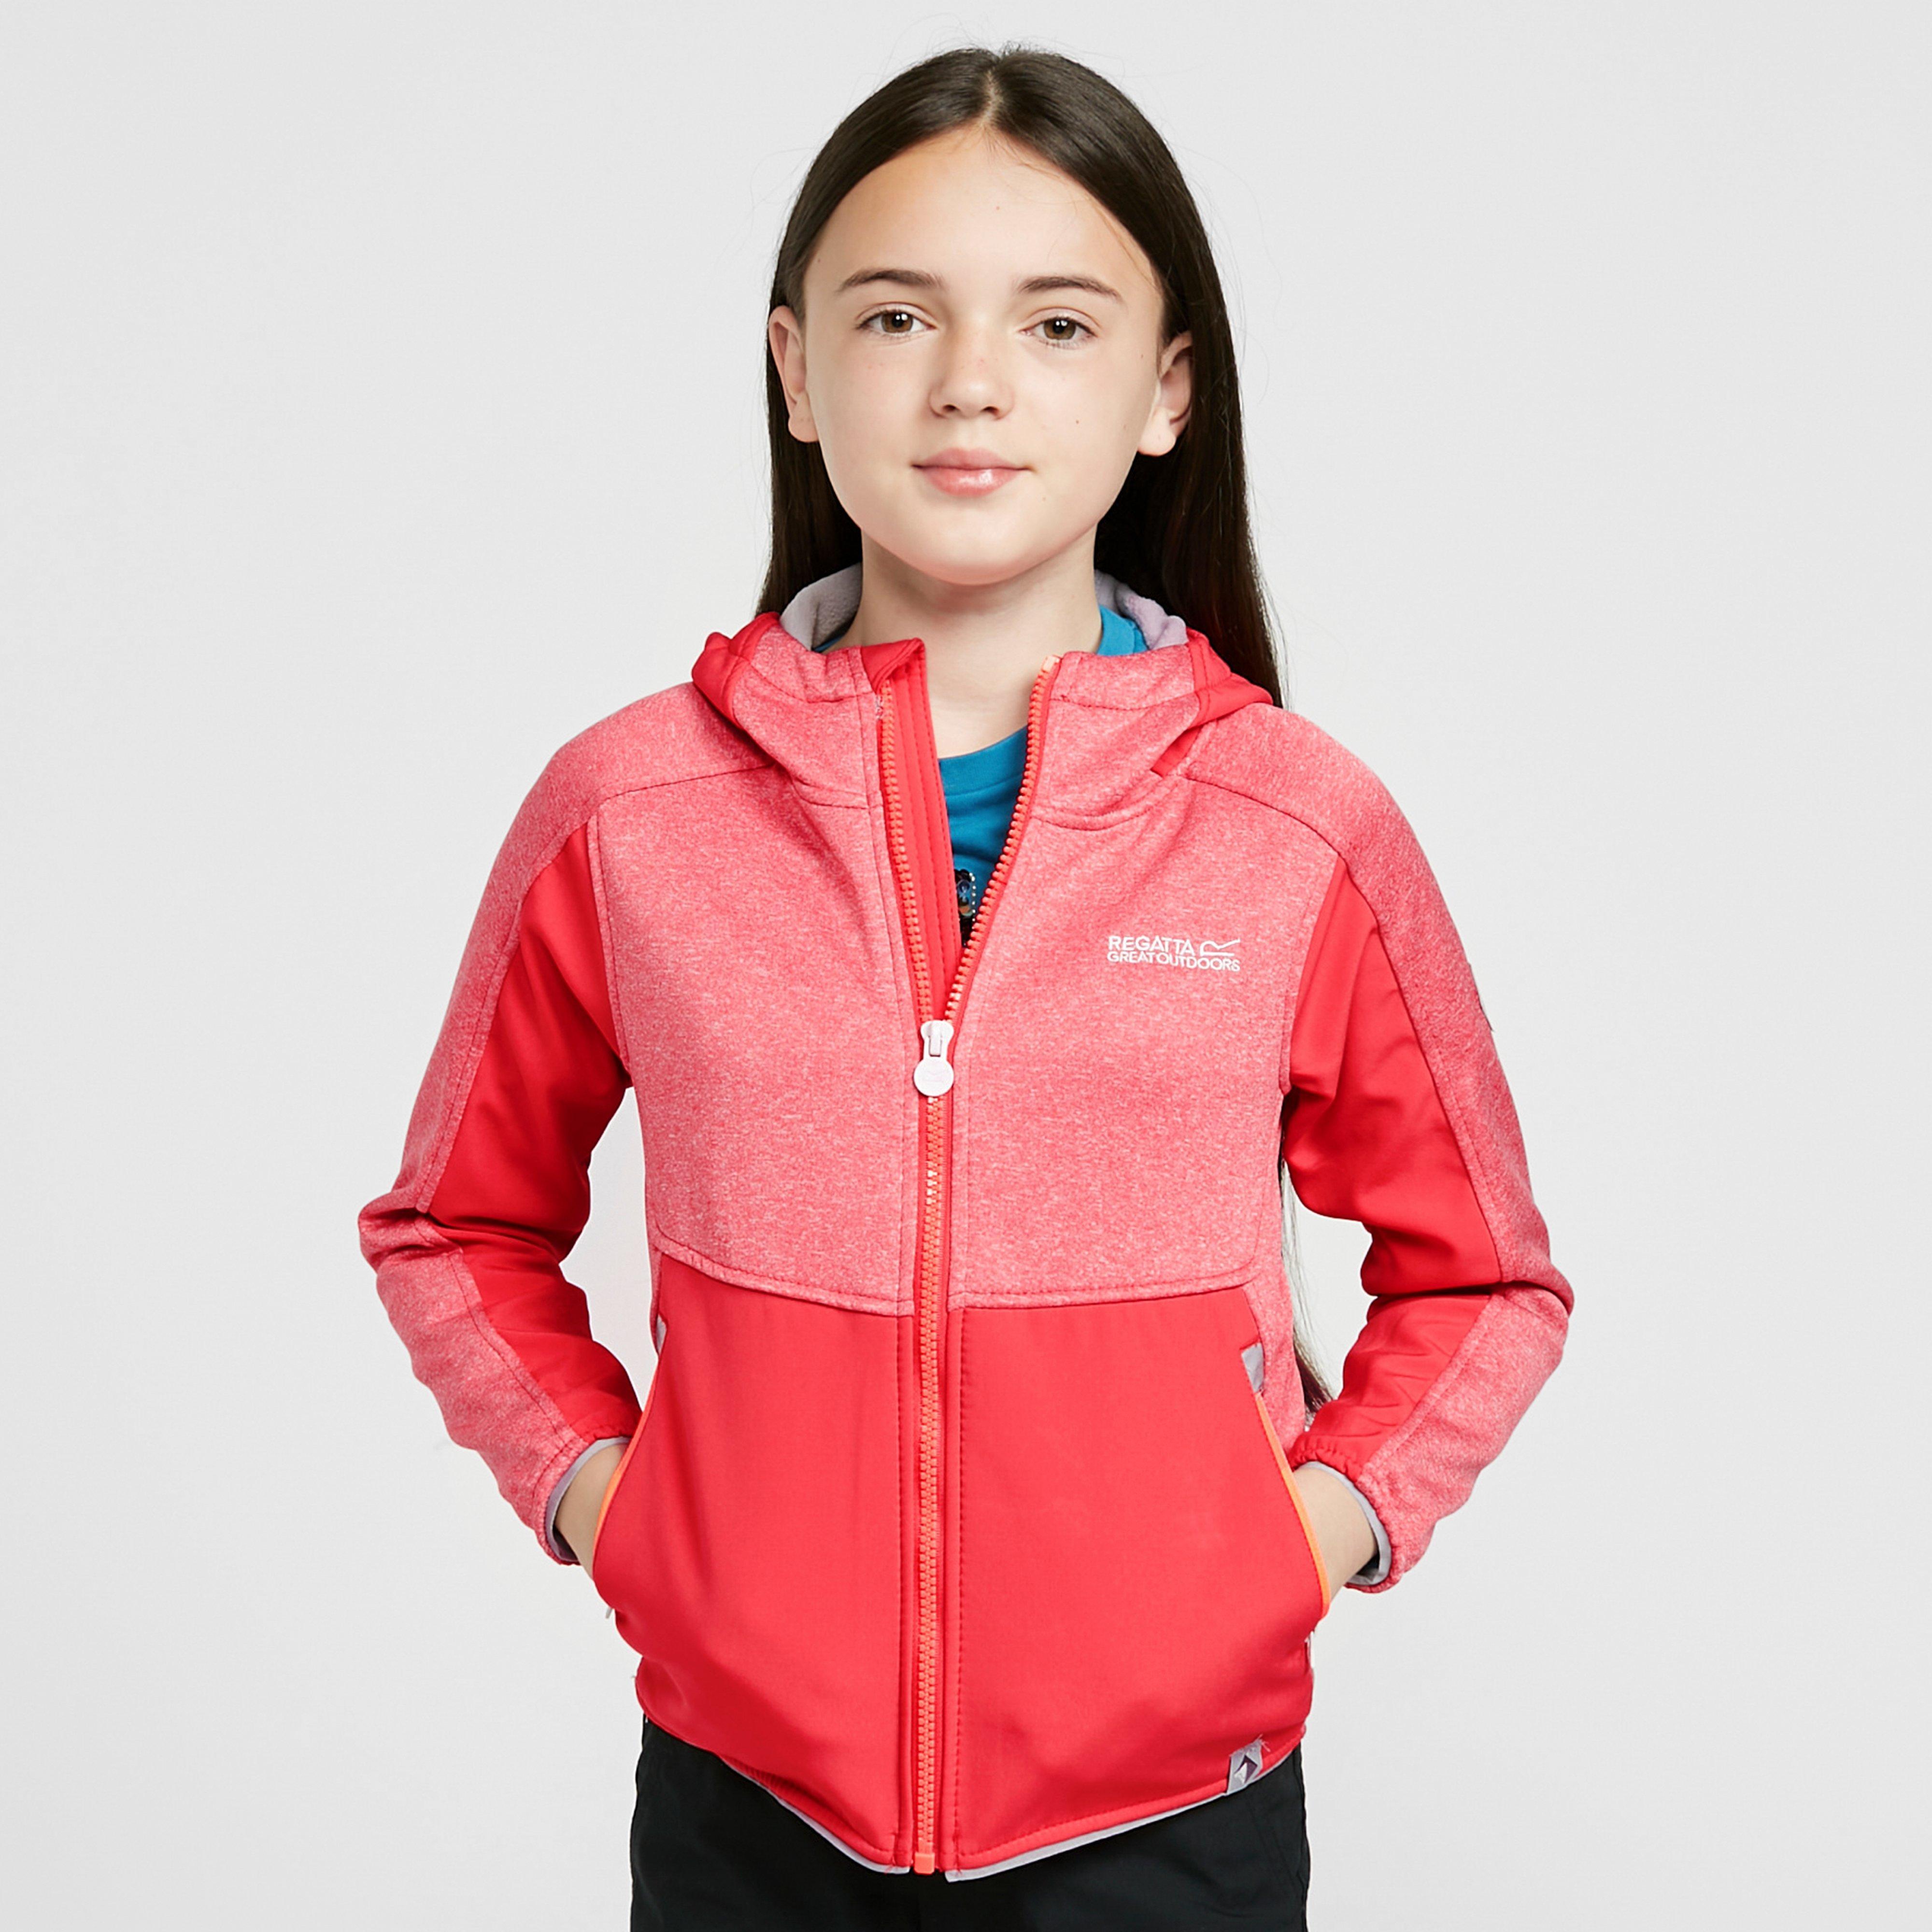 Regatta Kids' Bracknell Ii Softshell - Pink/Pn, Pink